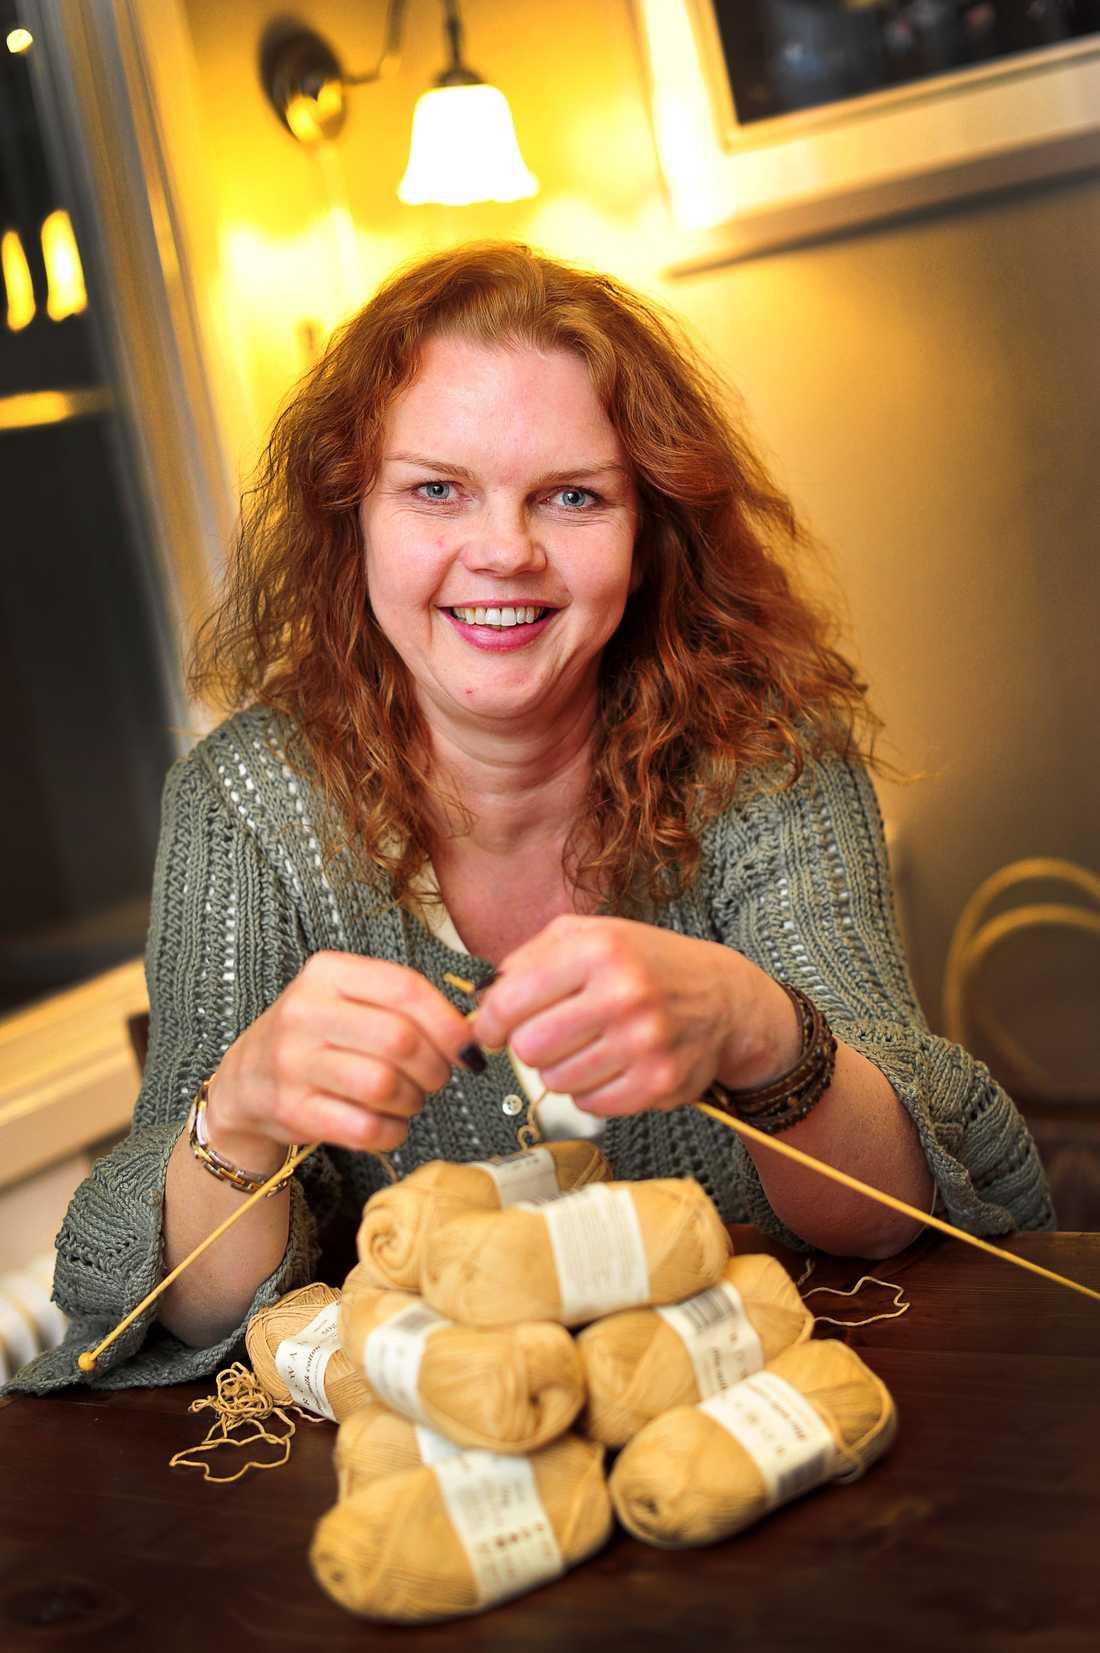 ... Paula Hammerskog, i dag kommunikationsdirektör på Academedia. Tidigare konsult.